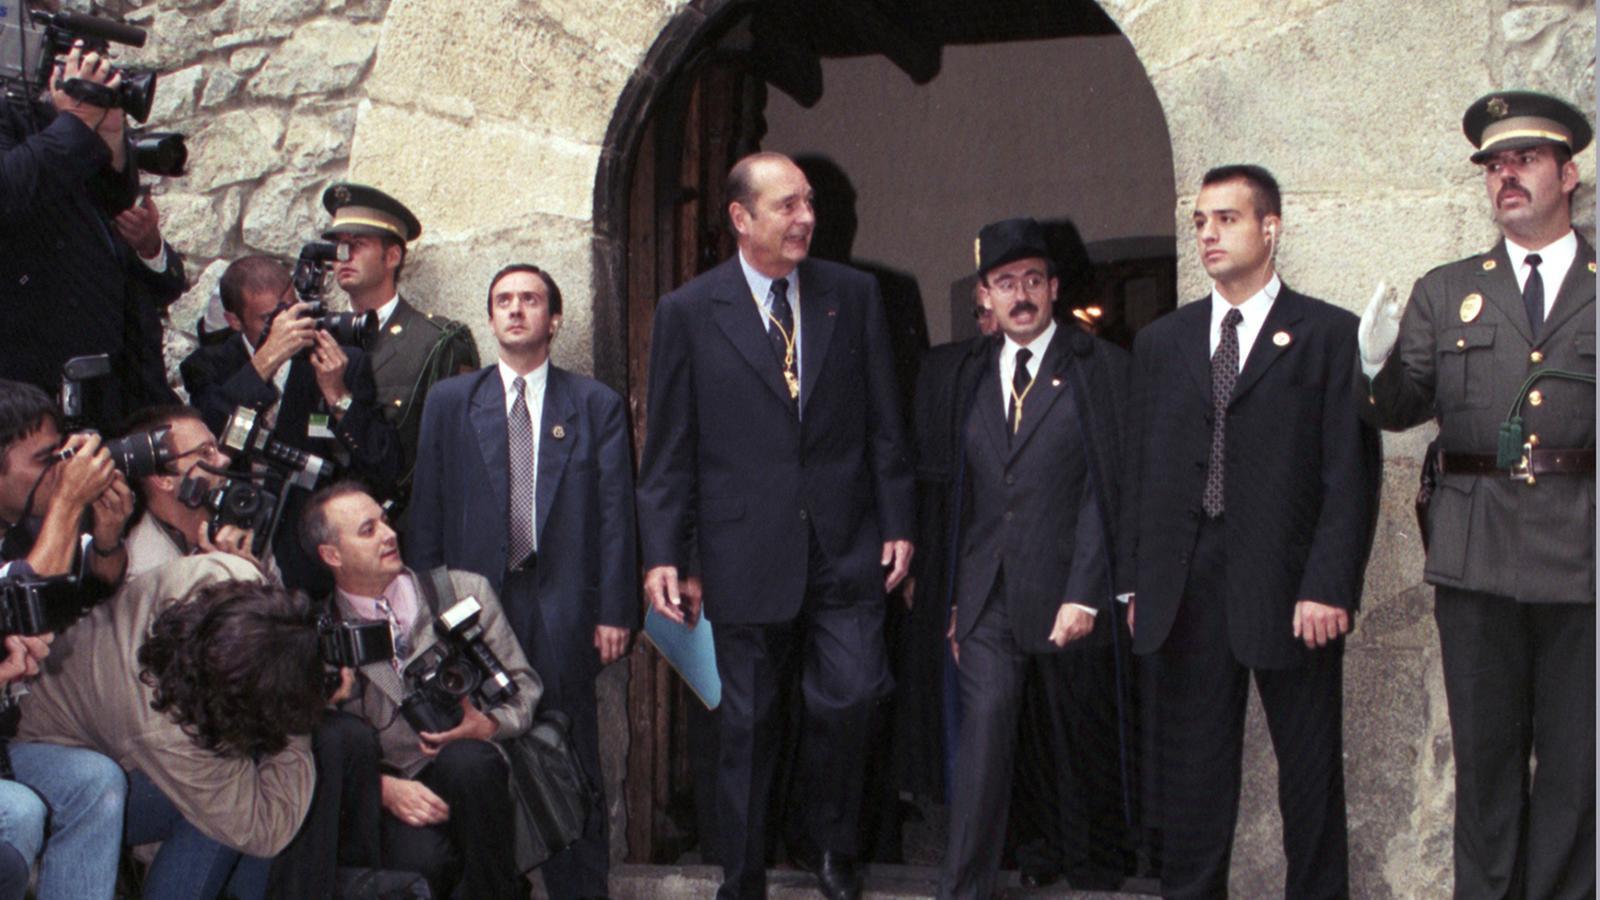 Visita de Jacques Chirac a Andorra, amb el síndic Francesc Areny. / SFG